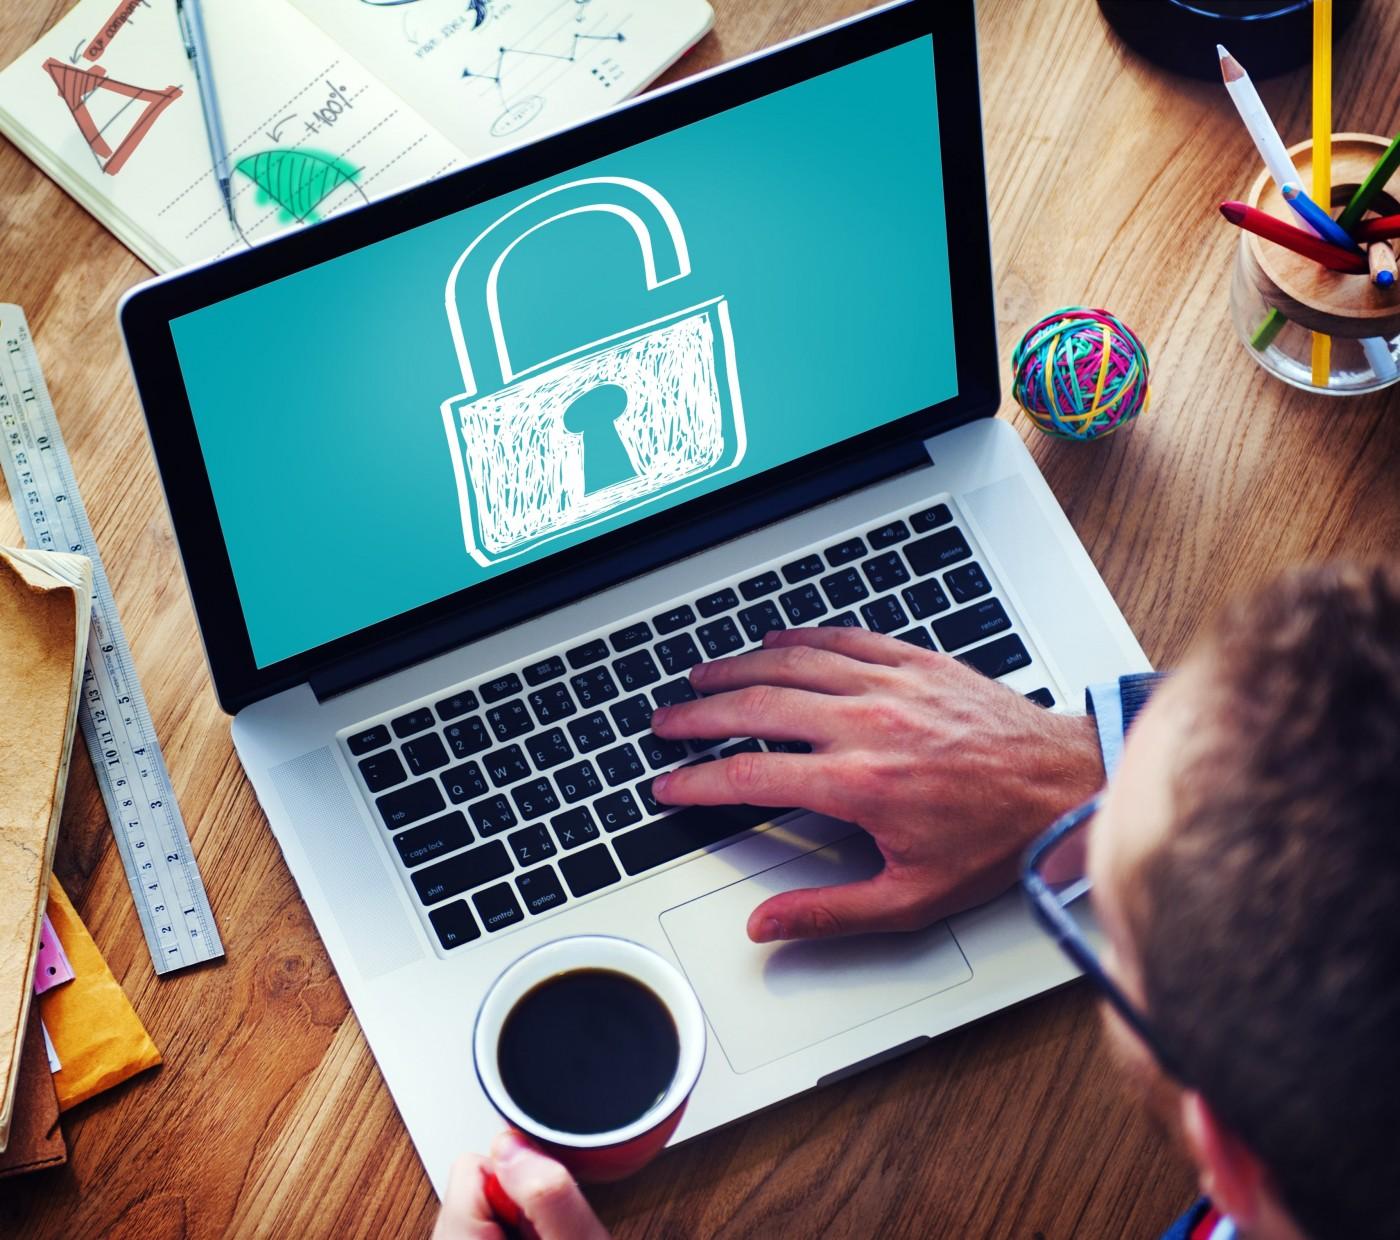 新釣魚攻擊利用瀏覽器自動填表偷走你的隱私,如何關閉他教學